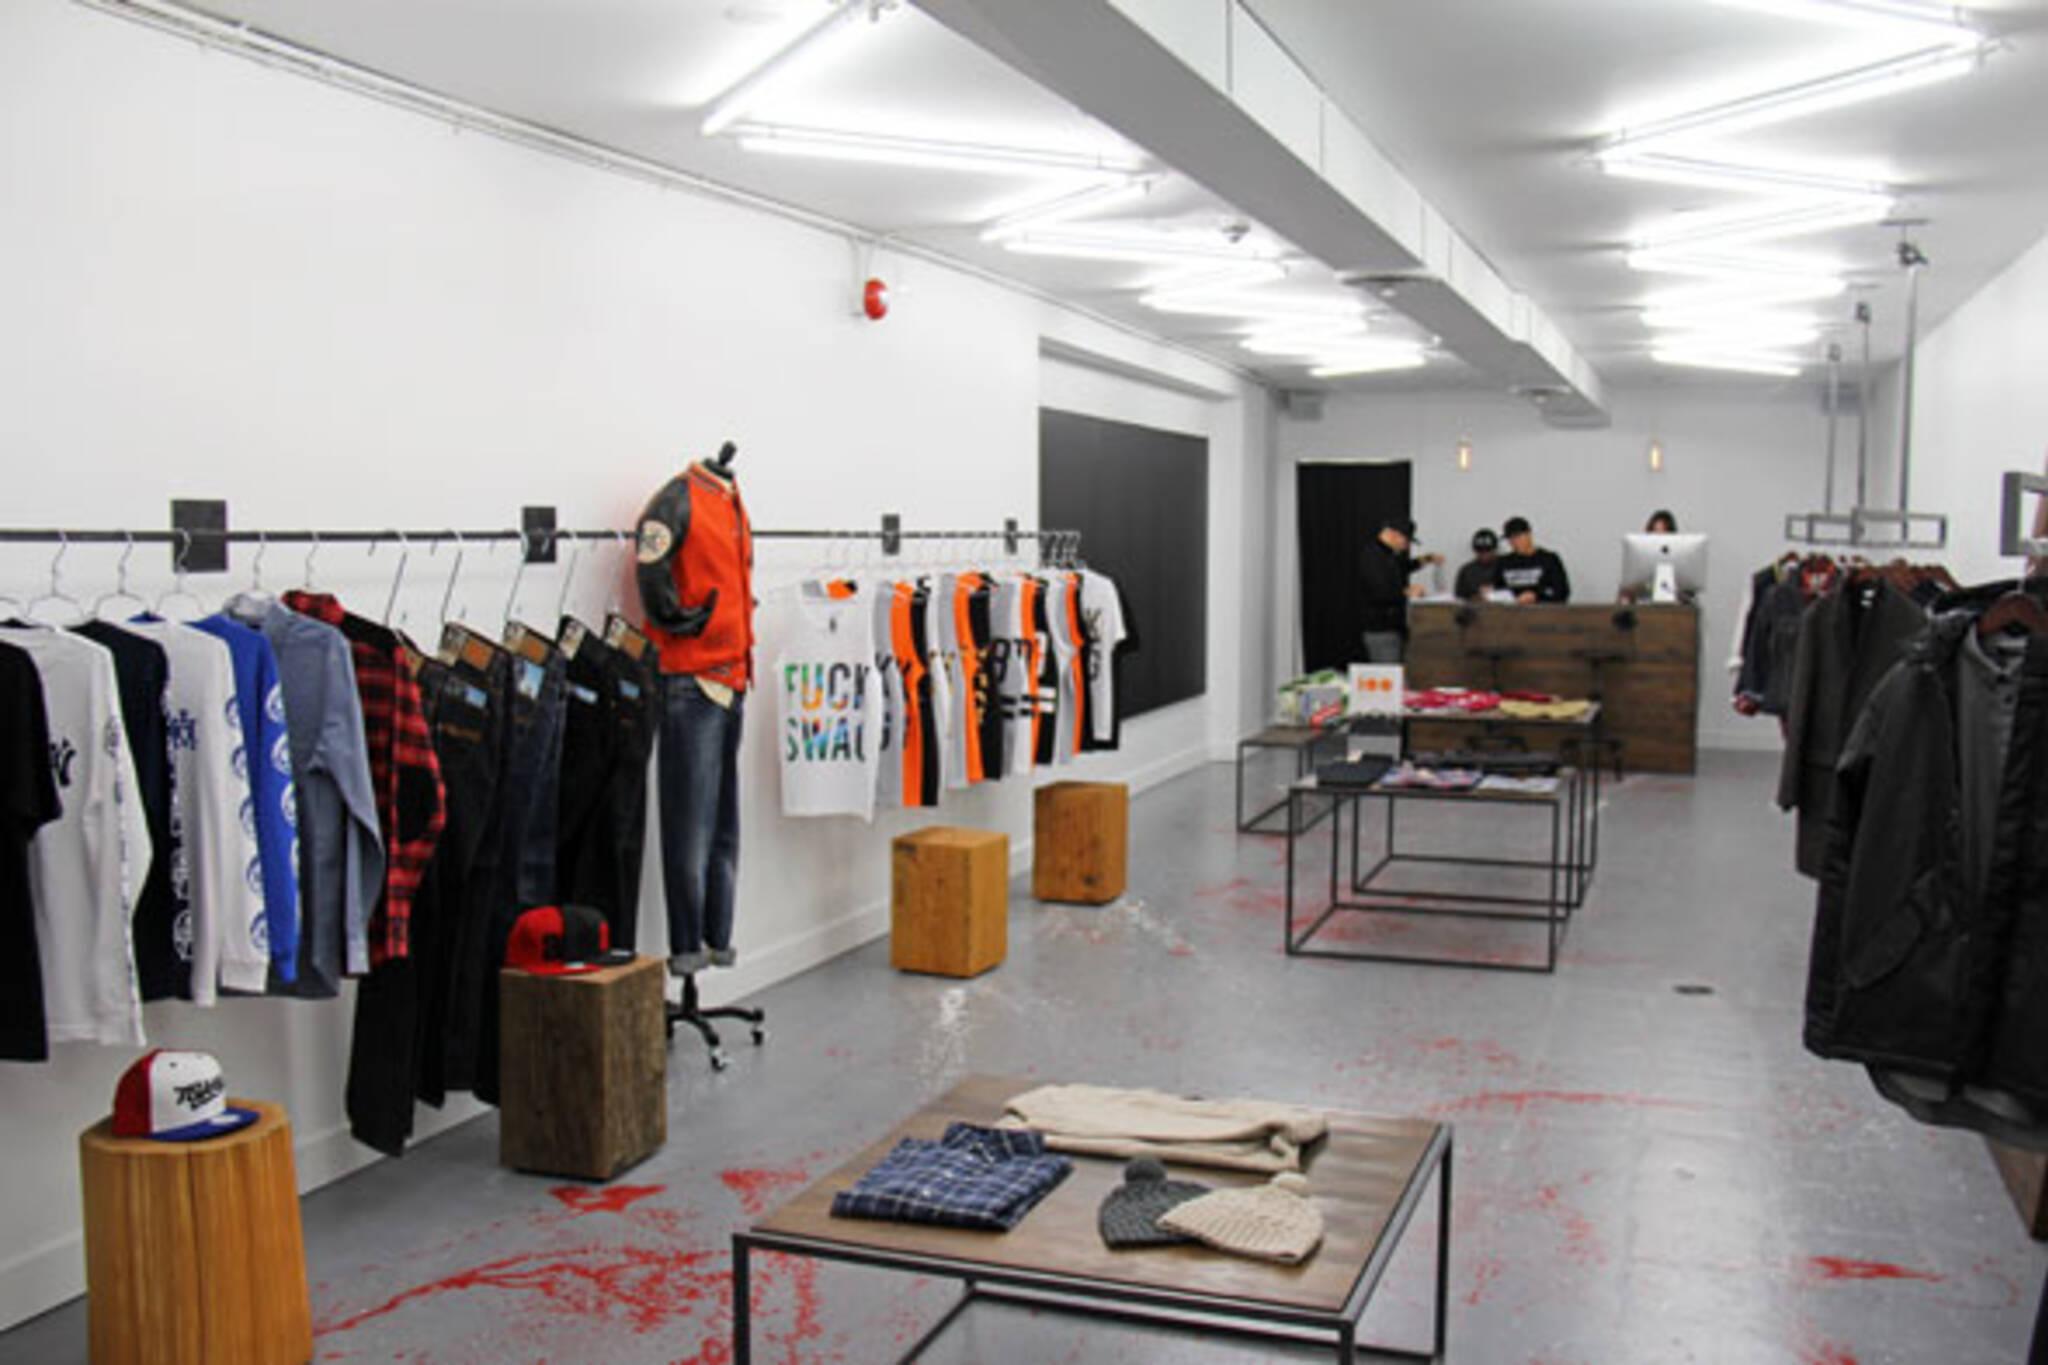 fashion stores toronto